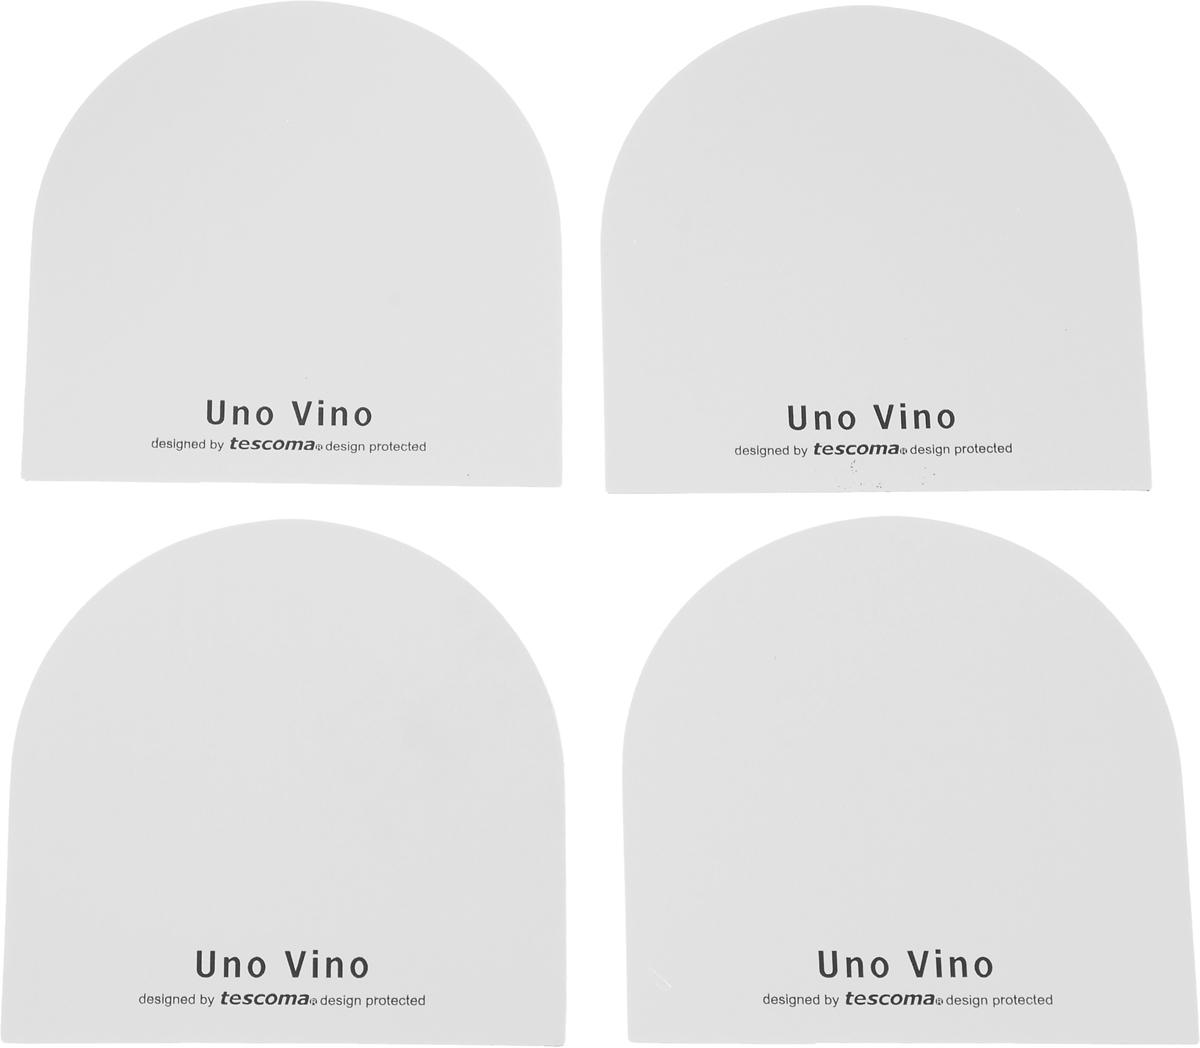 Воронка гибкая Tescoma Uno Vino, 4 шт695524Гибкая воронка Tescoma Uno Vino выполнена из высококачественного алюминия. Такая воронка позволит разлить вино из бутылки, не пролив ни капли. Способ применения: воронку скрутите и вставьте ровным краем в горлышко бутылки таким образом, чтобы она выступала на 3 см. Изделие пригодно для всех стандартных типов винных бутылок и предназначено для многоразового использования.